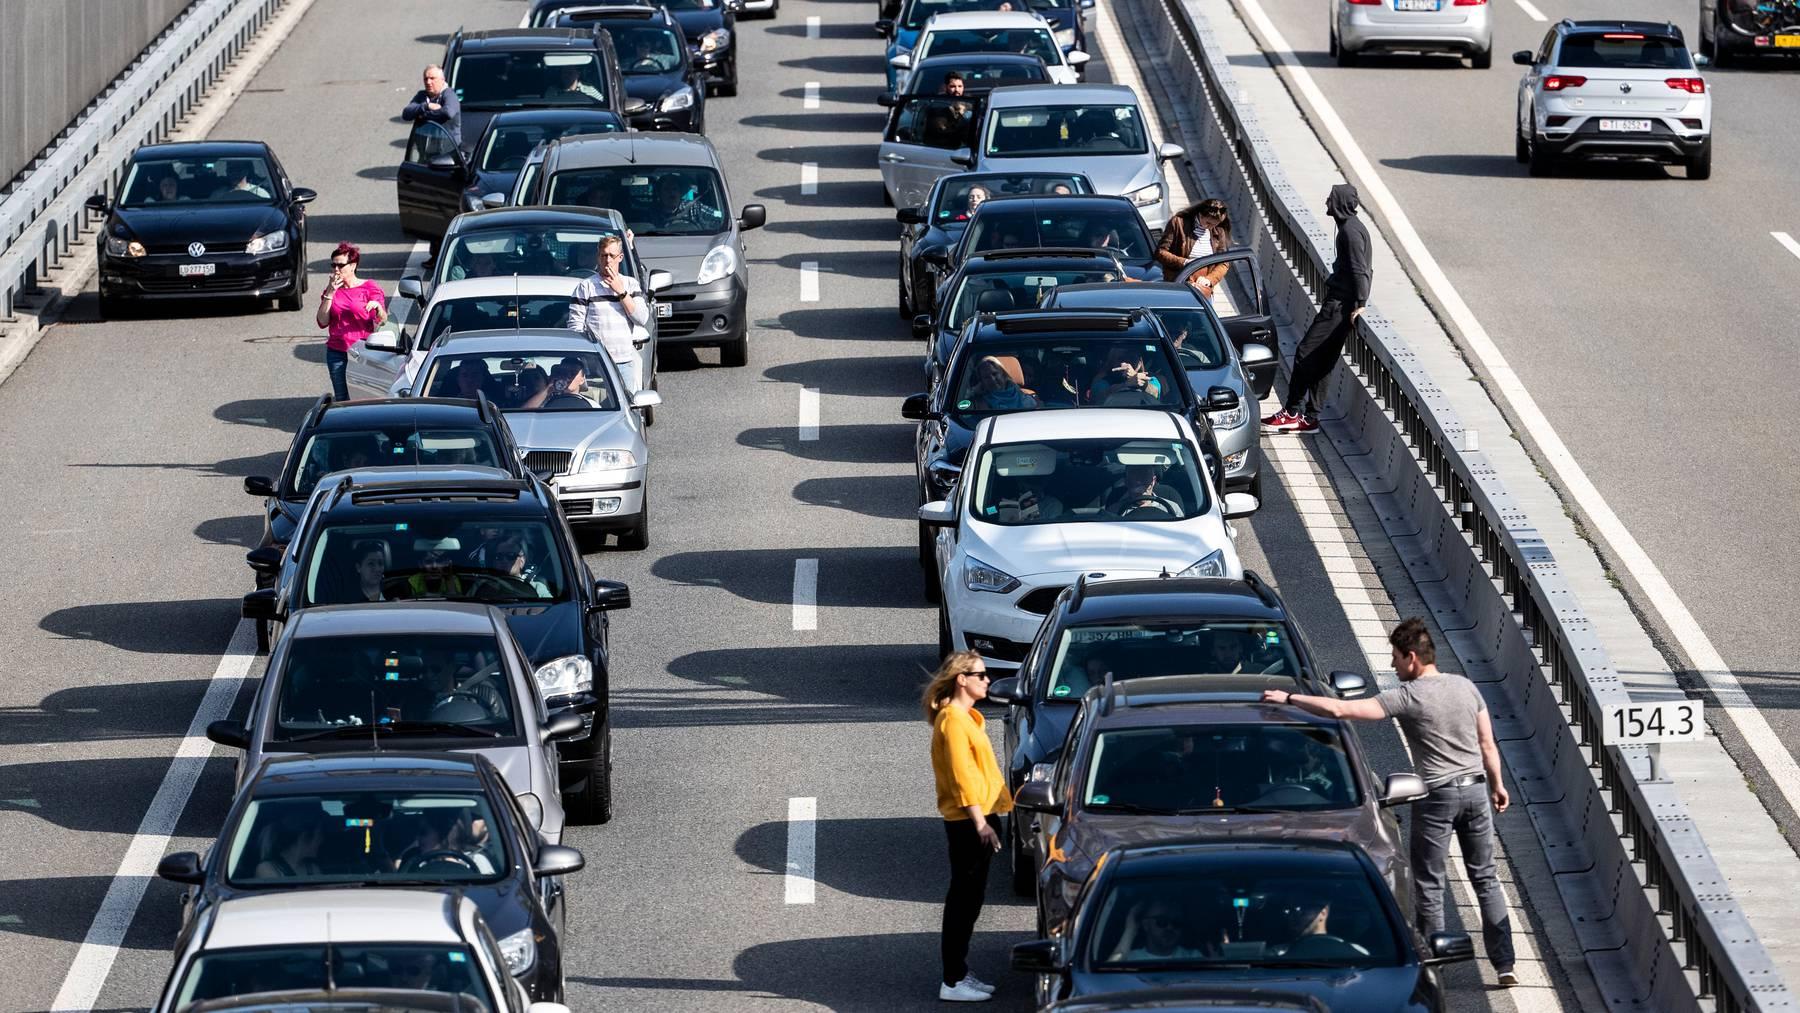 Die Anzahl an Personenkilometer hat 2019 weiter zugenommen.